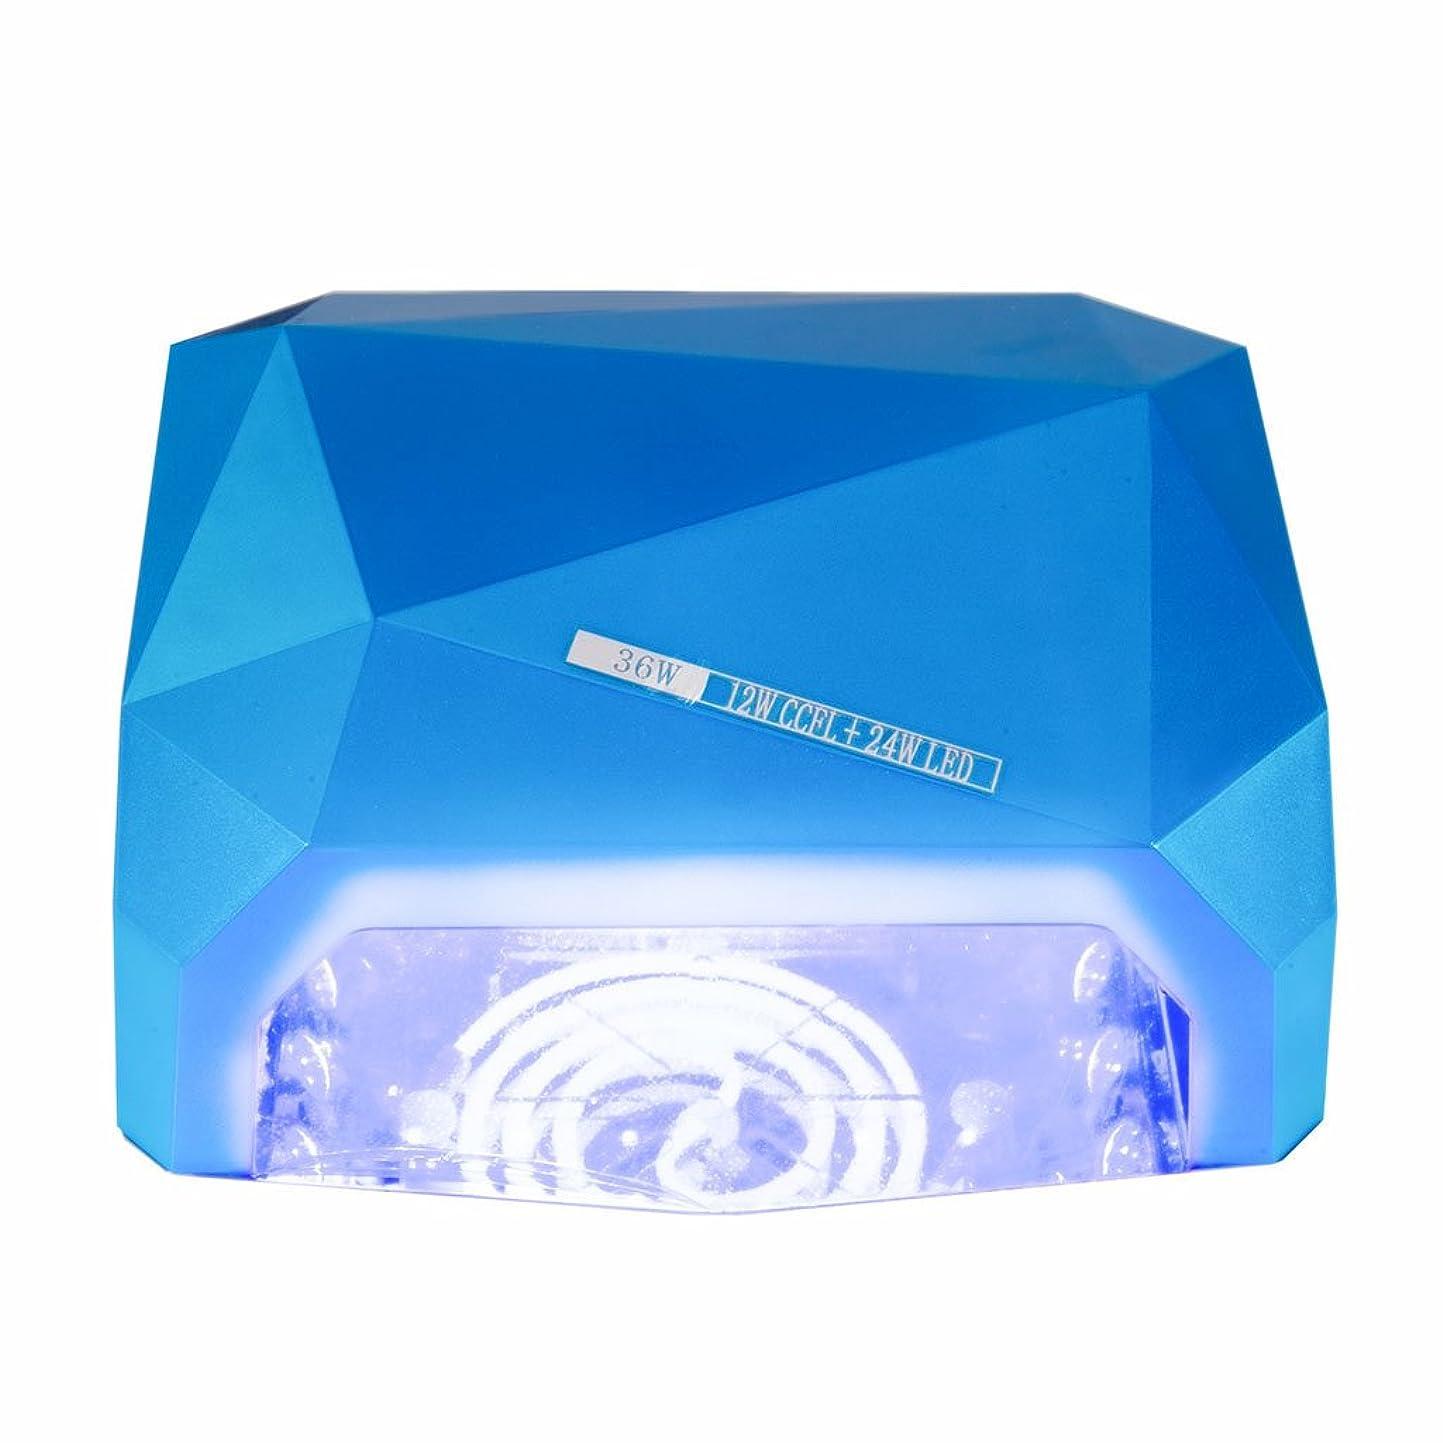 すぐにスパイラル使い込むネイル光線療法機 ネイルドライヤー - 36wネイルランプCCFLネイル光線療法ランプ36WネイルLED光線療法ランプUV + LEDダイヤモンド光線療法マシン